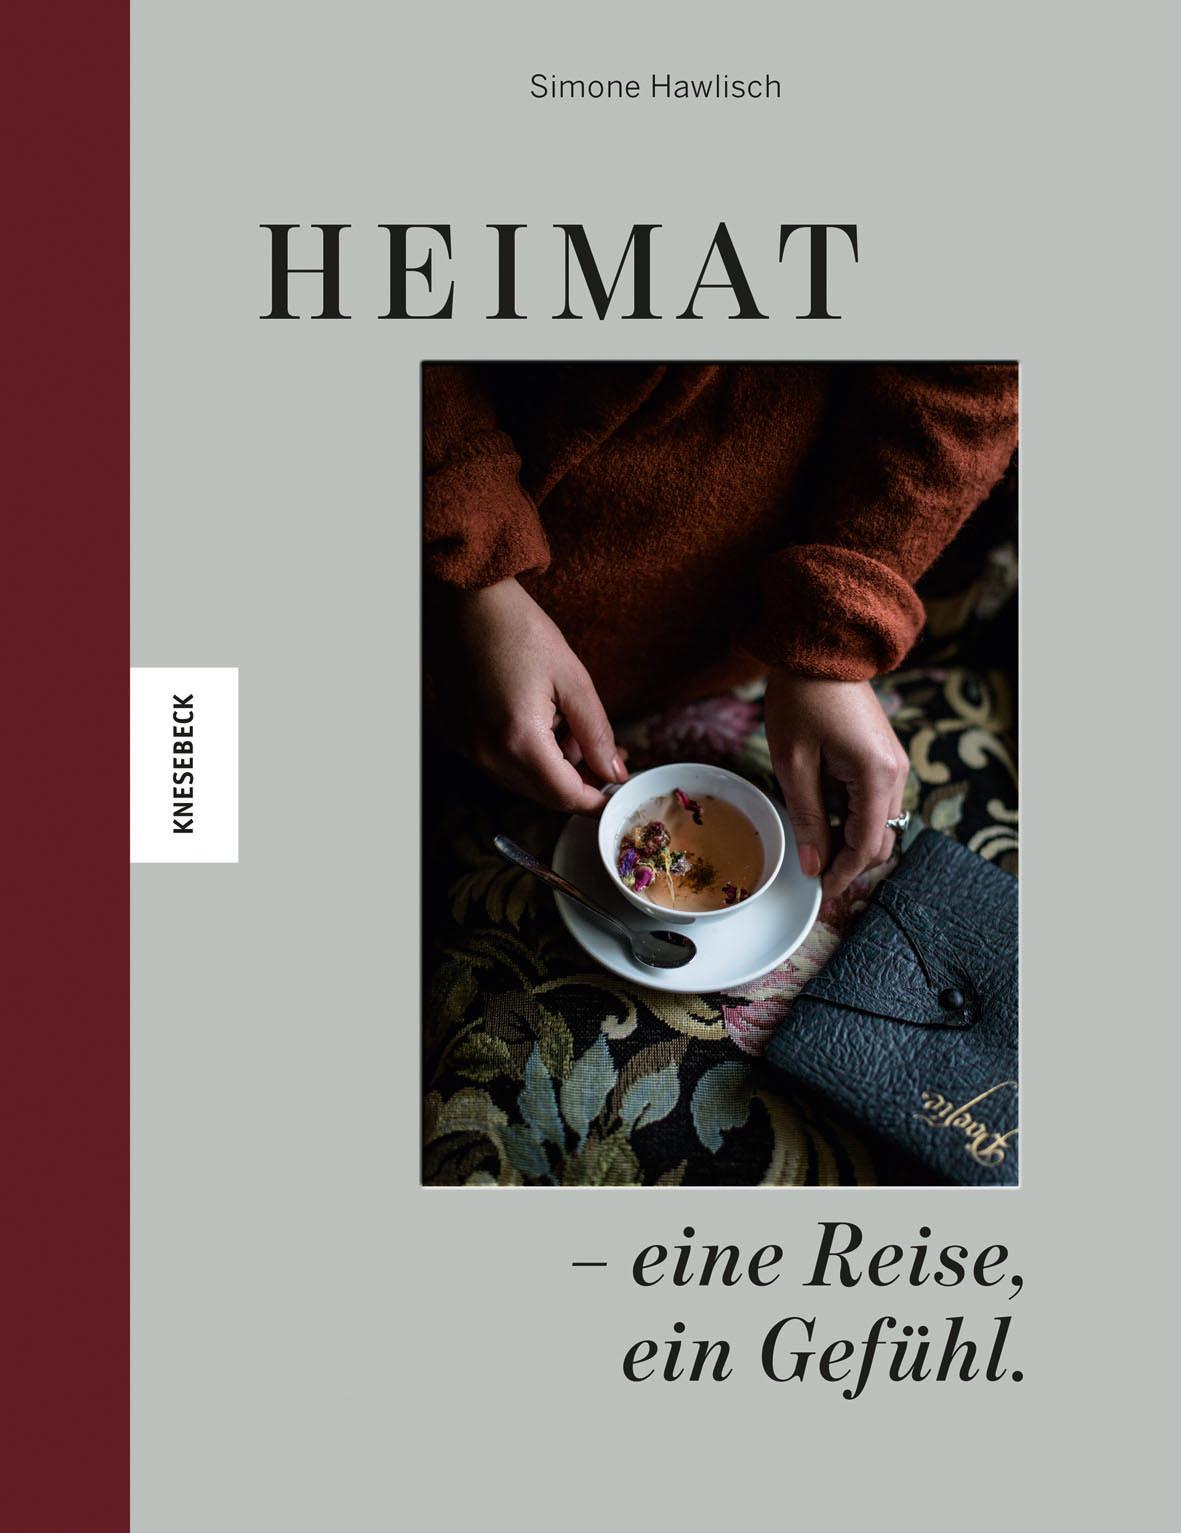 Heimat Simone Hawlisch, Knesebeck 2019, Cover